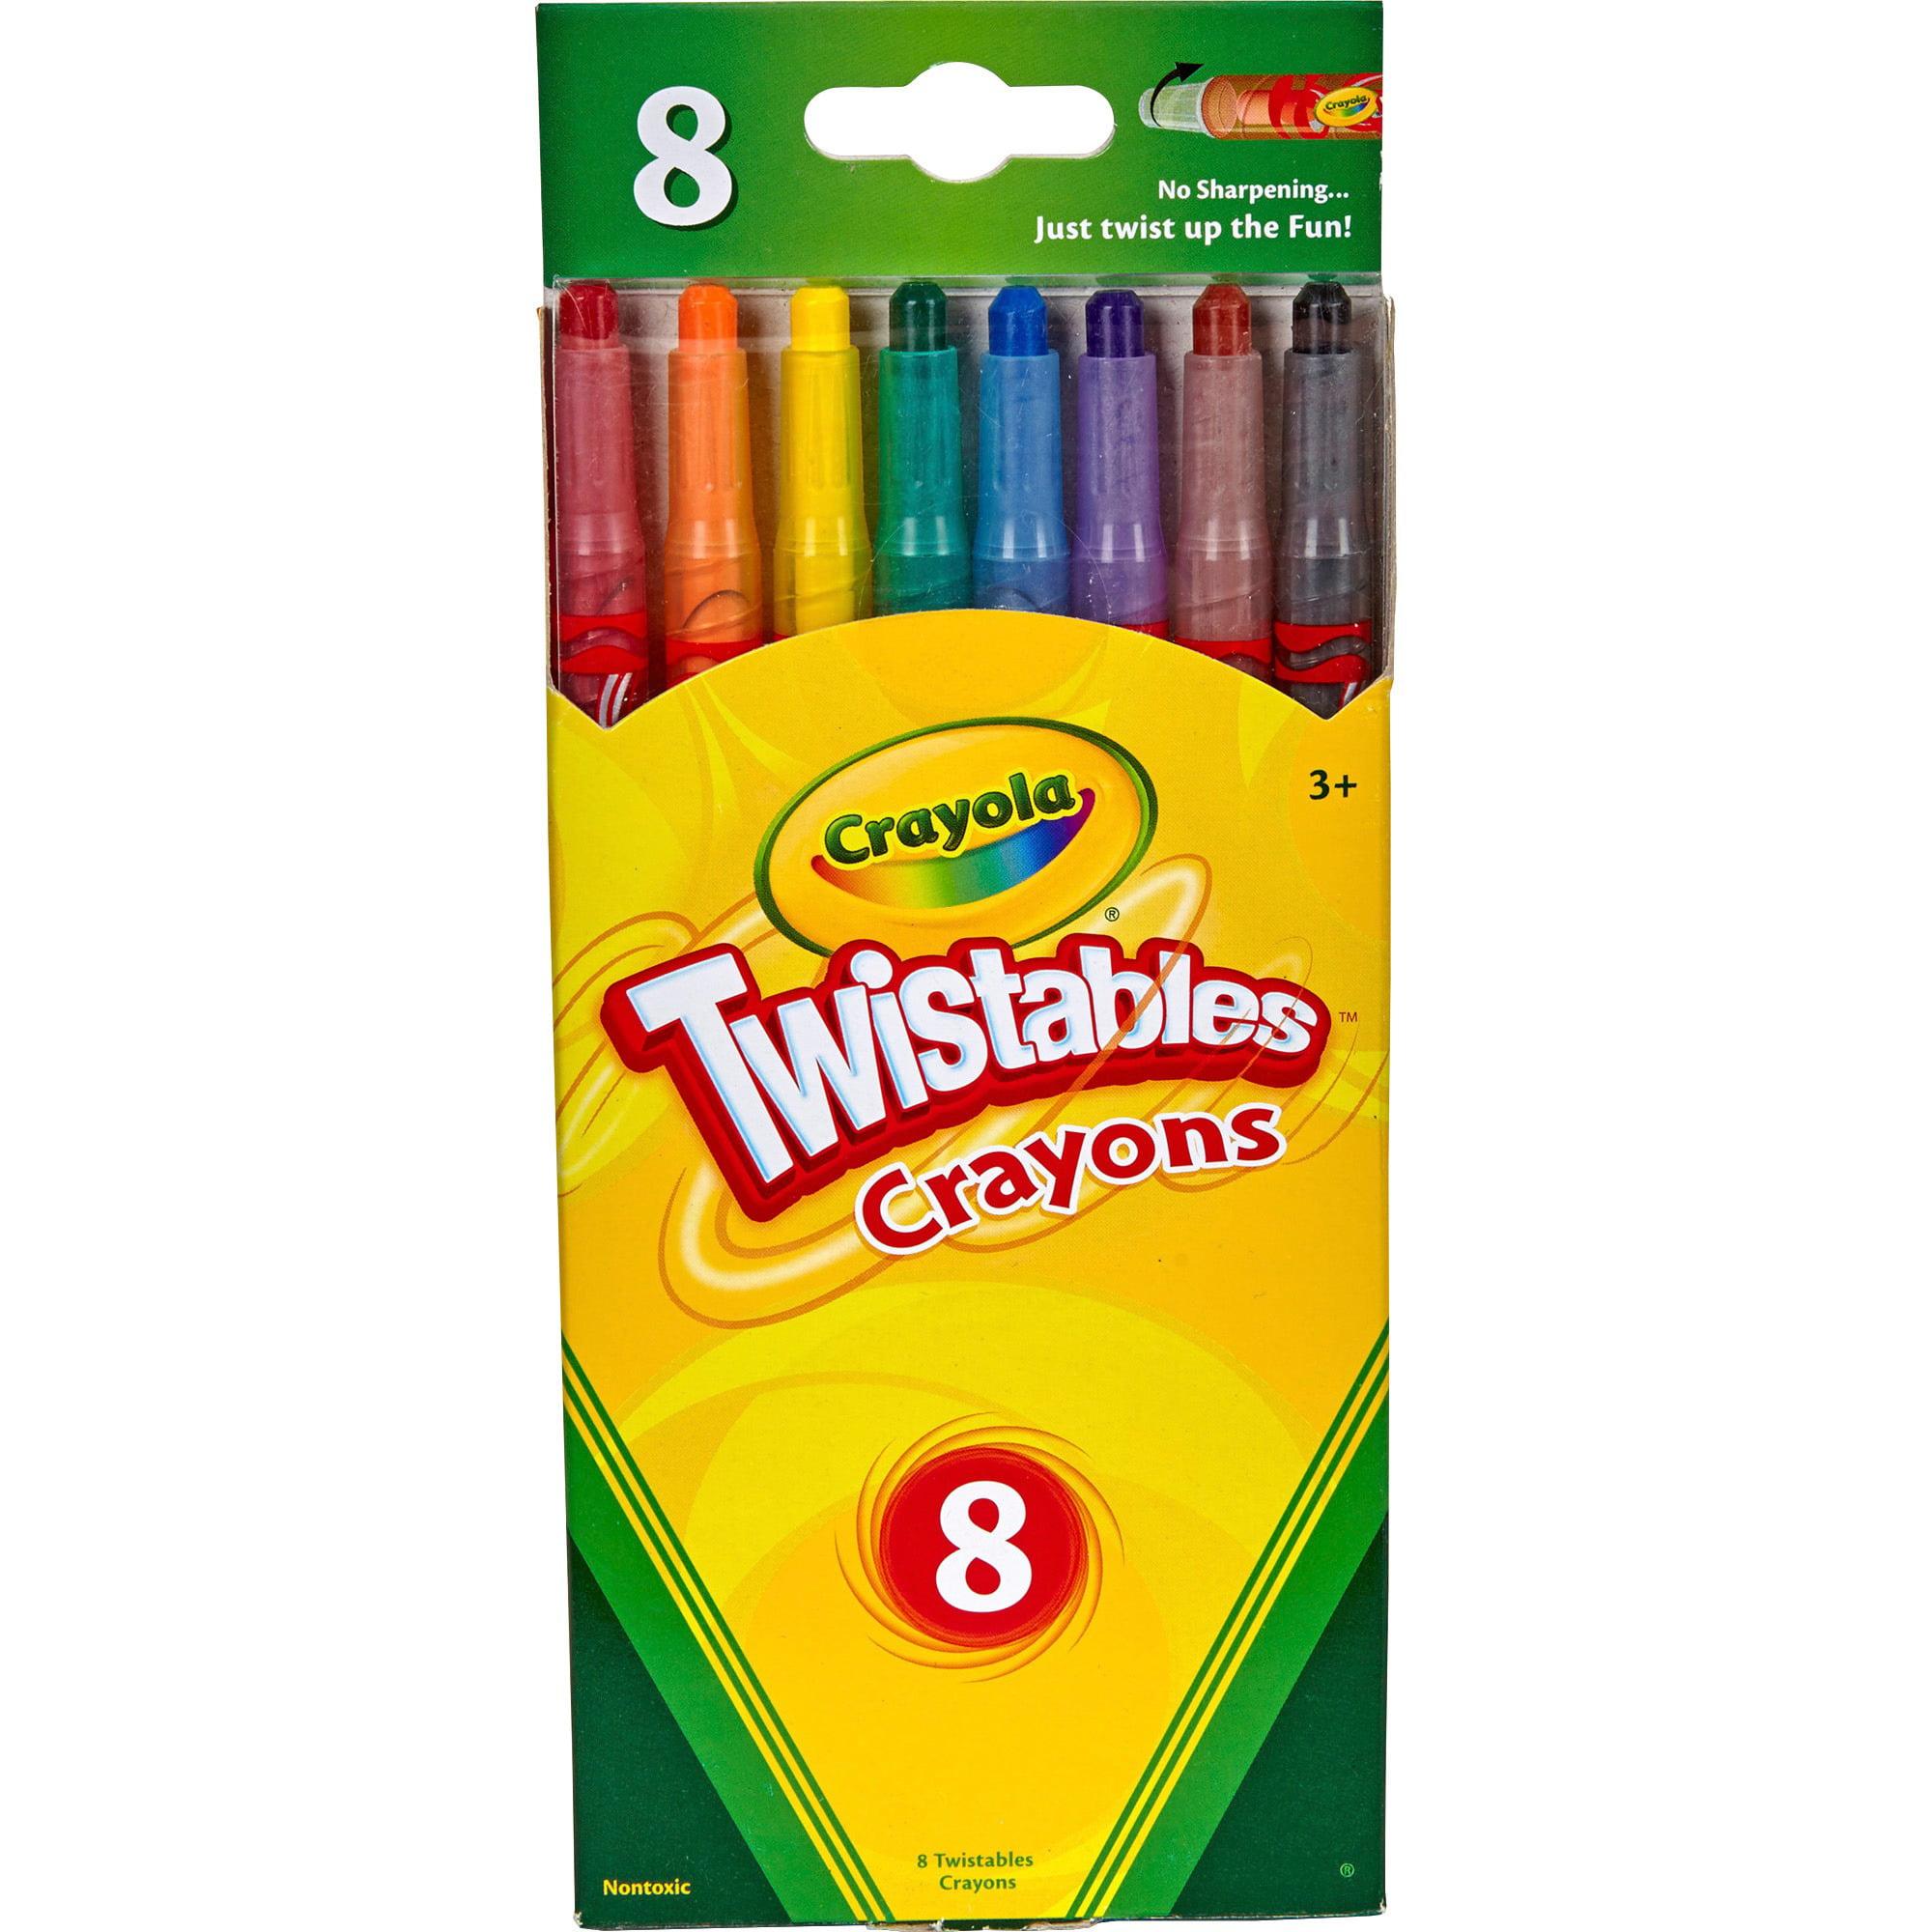 Crayola Twistables Crayons 8 CT by Crayola, LLC